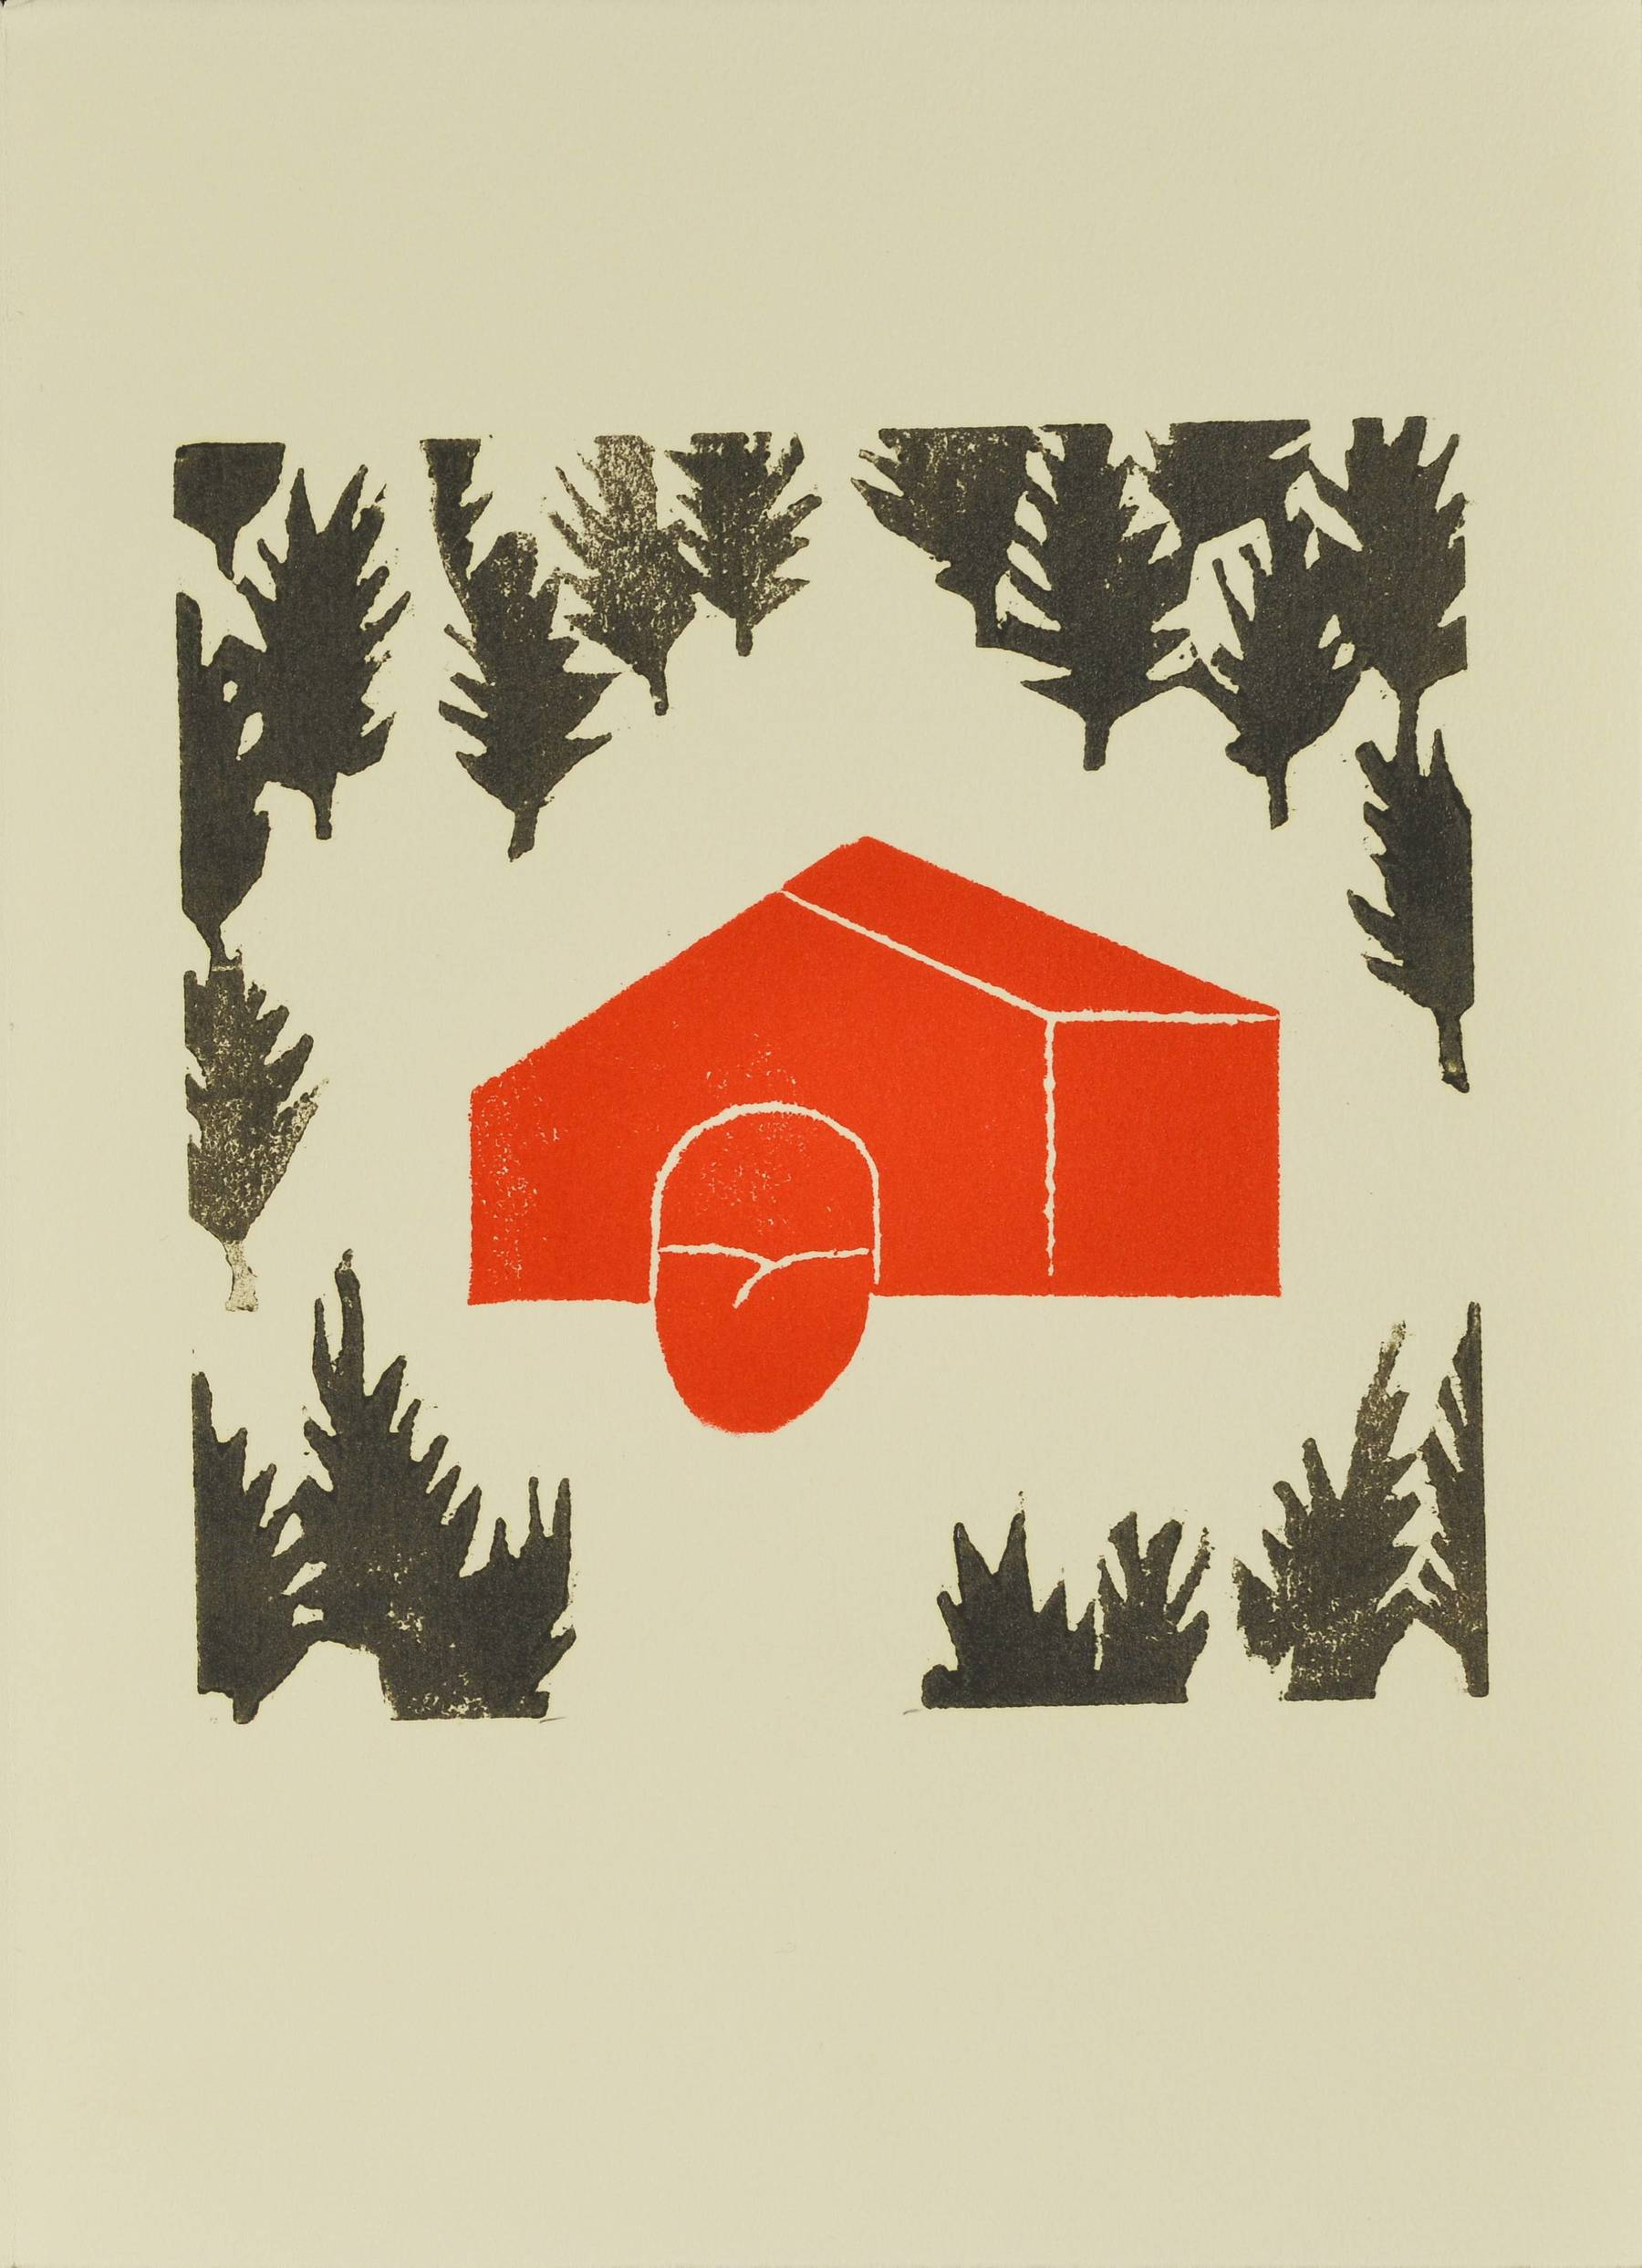 Contenu du Livre d'artiste - La clé sous la porte de Julia Chausson